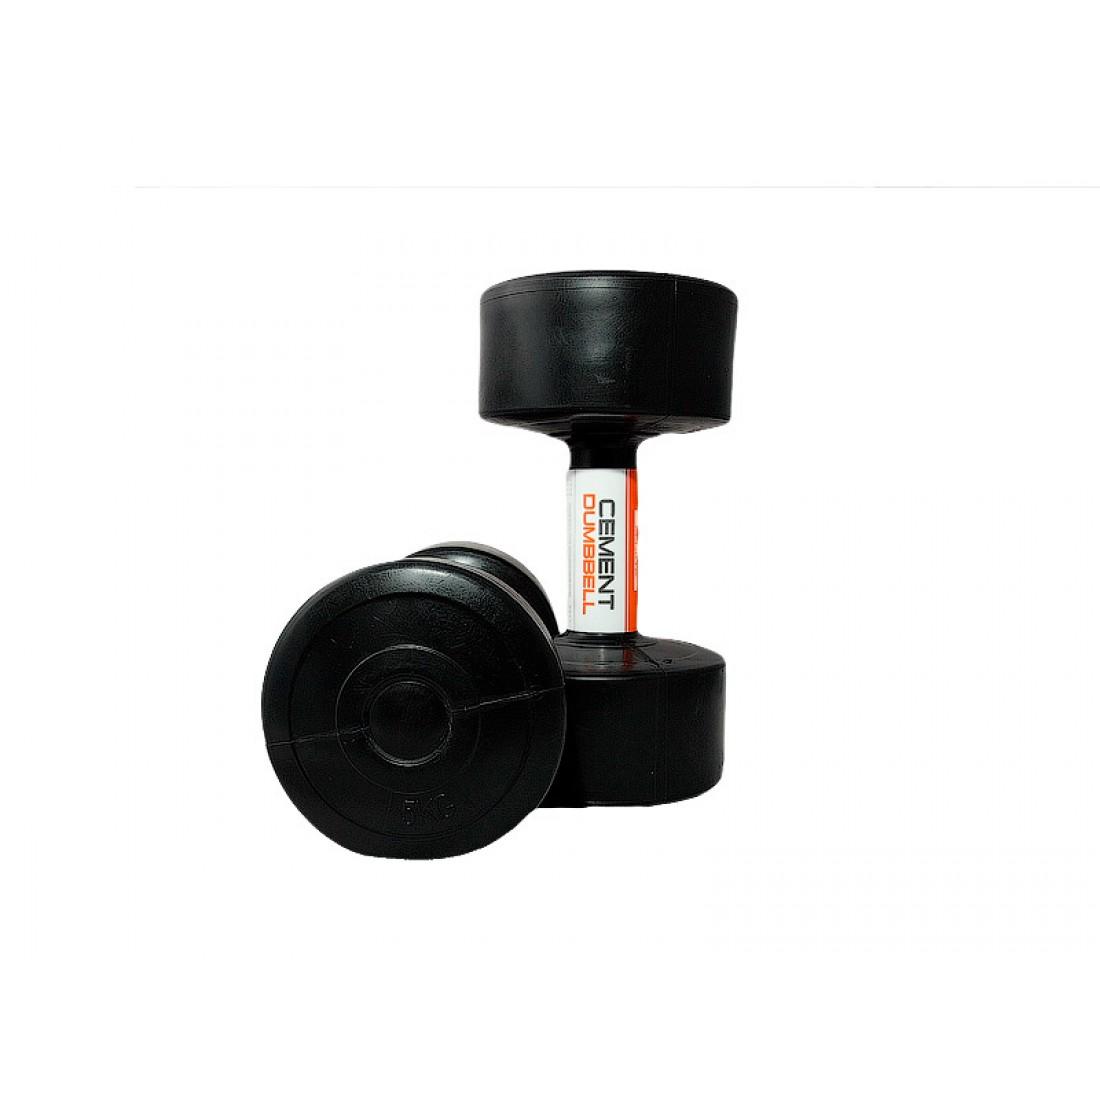 Гантели, гири: Гантели пластиковые LiveUp Cement 2х5 кг